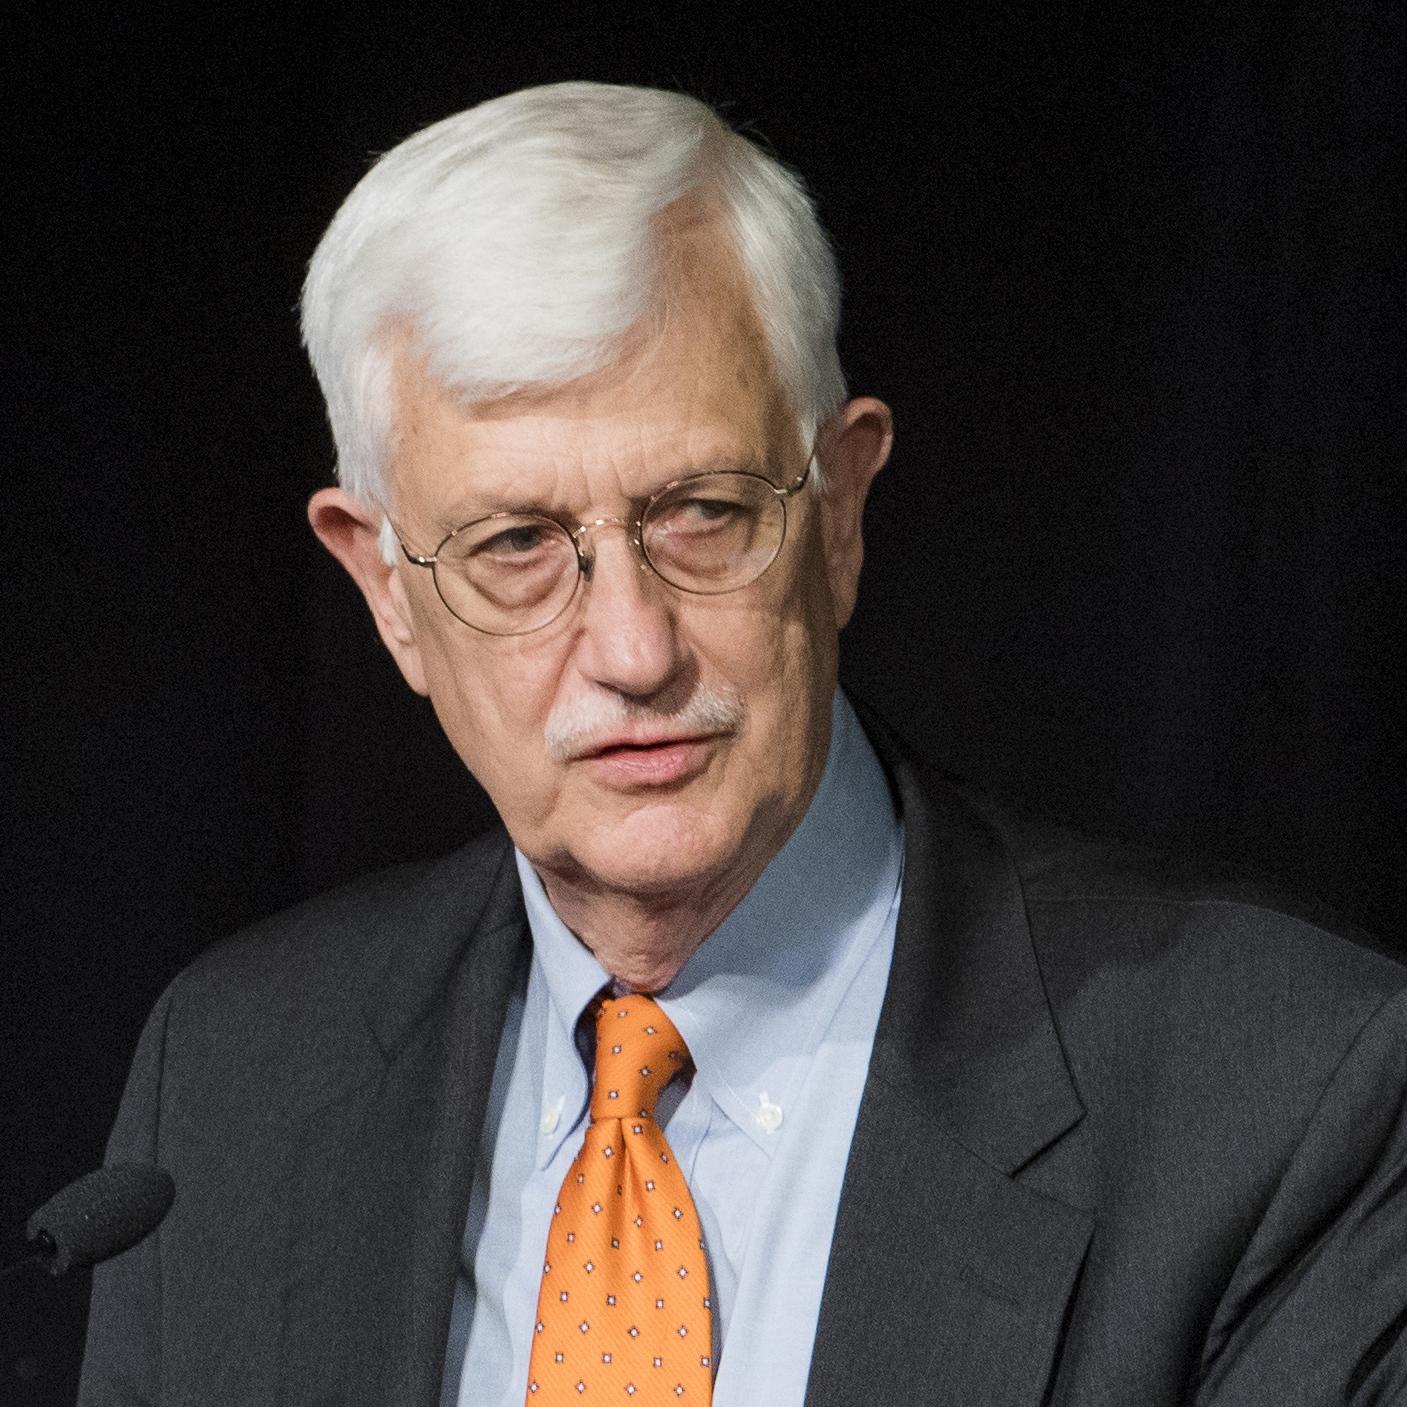 Thomas Farr President, Religious Freedom Institute